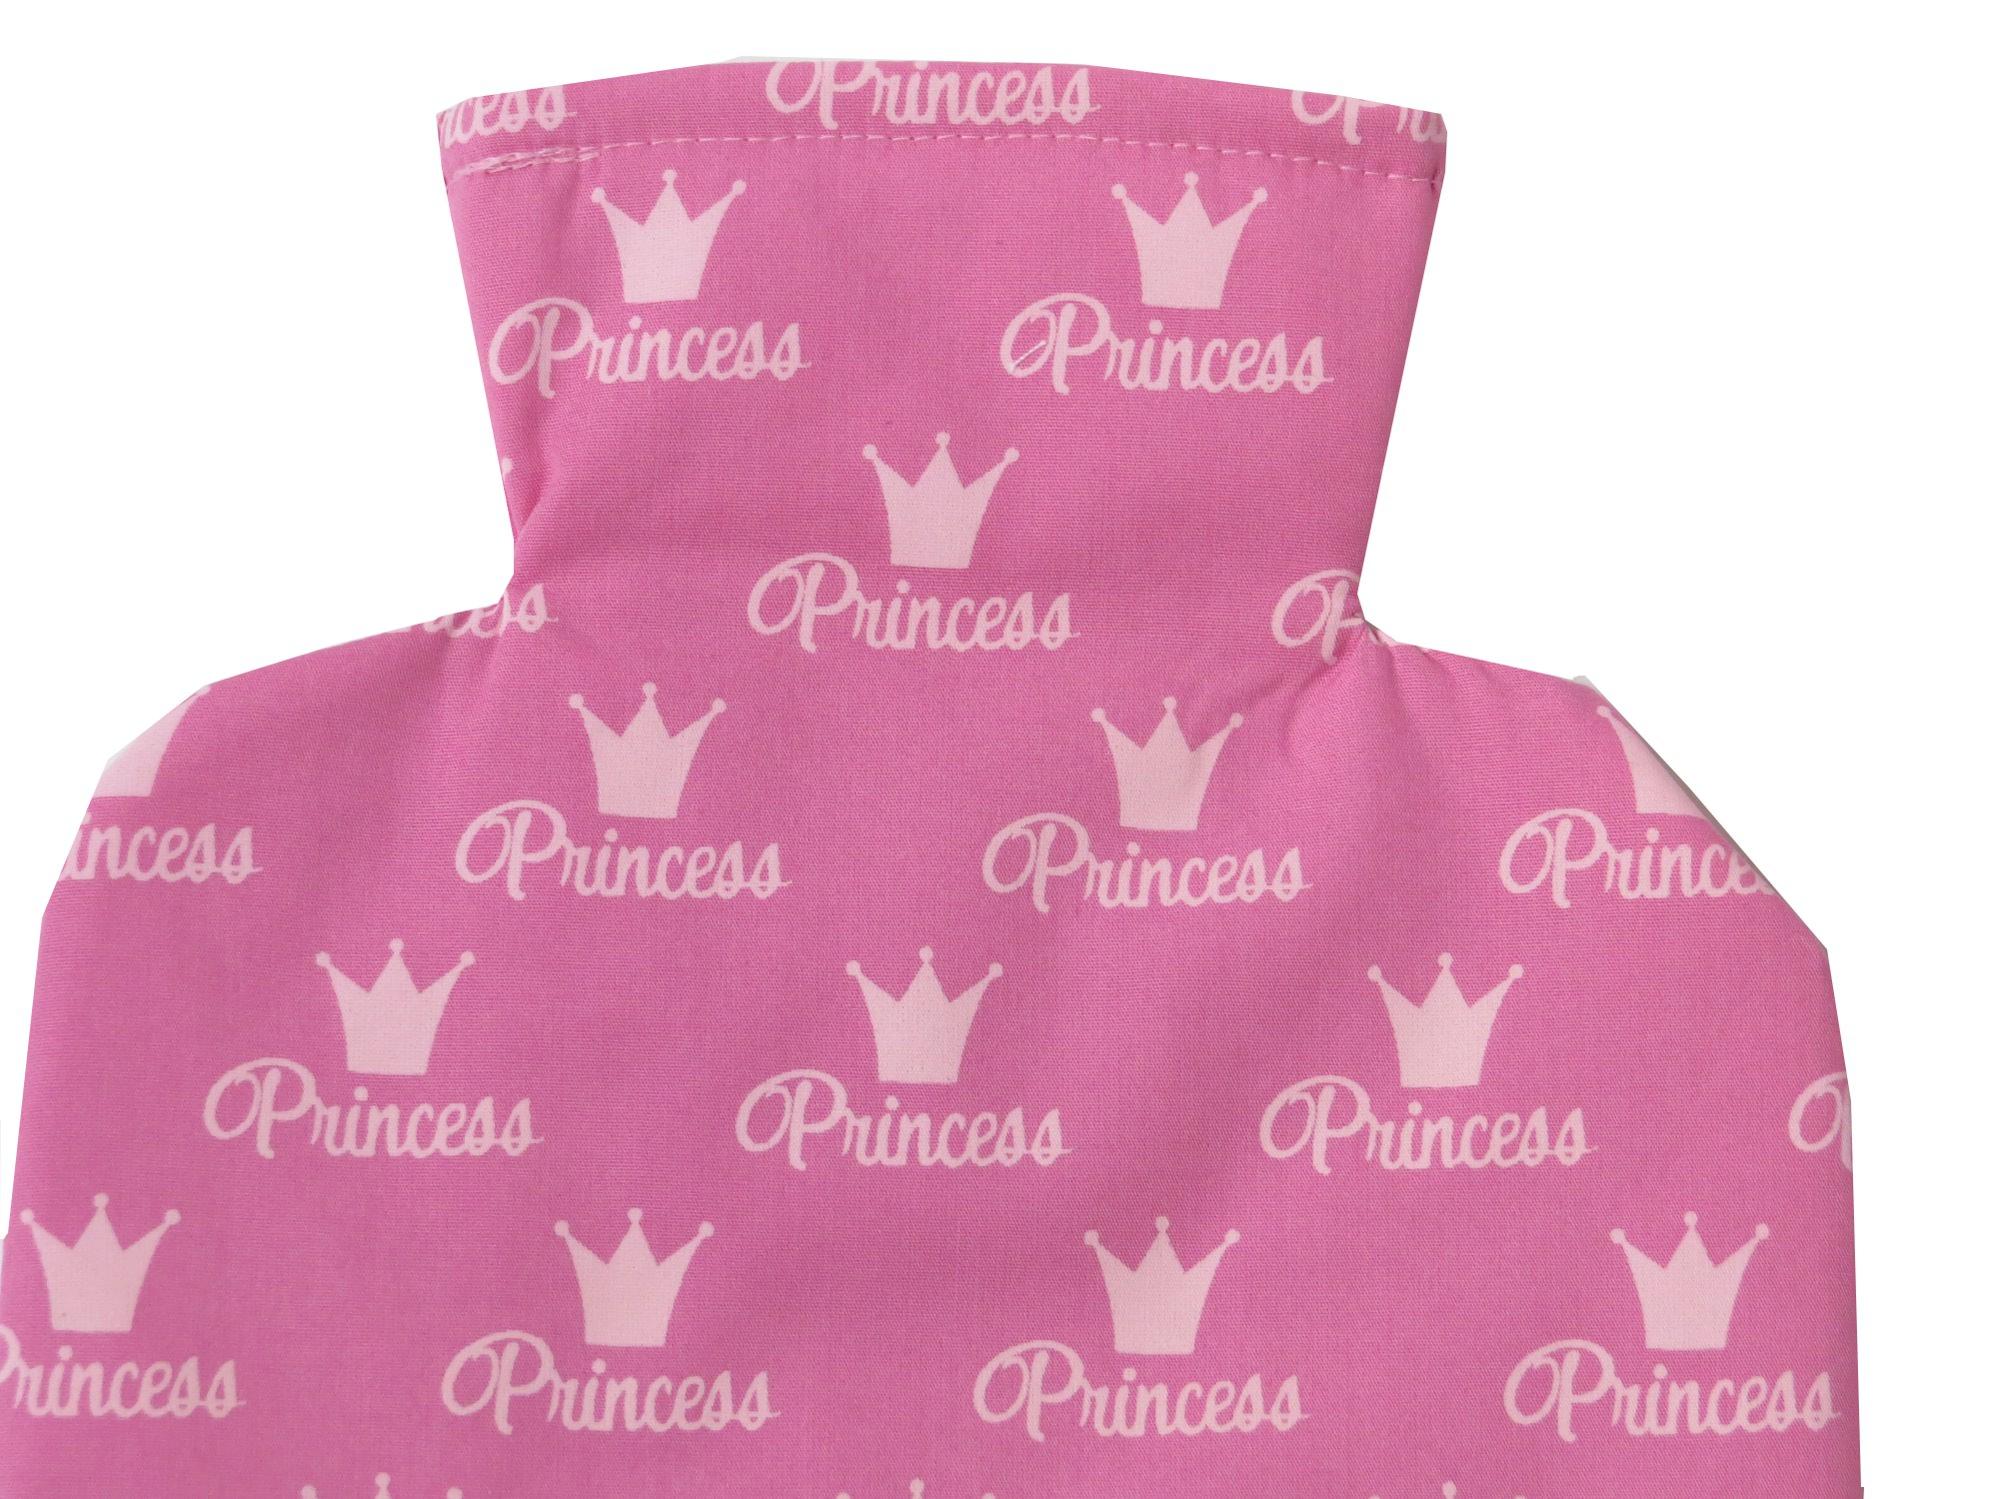 Kleinesbild - Wärmflaschenbezug Princess in pink für 2l Wärmflasche